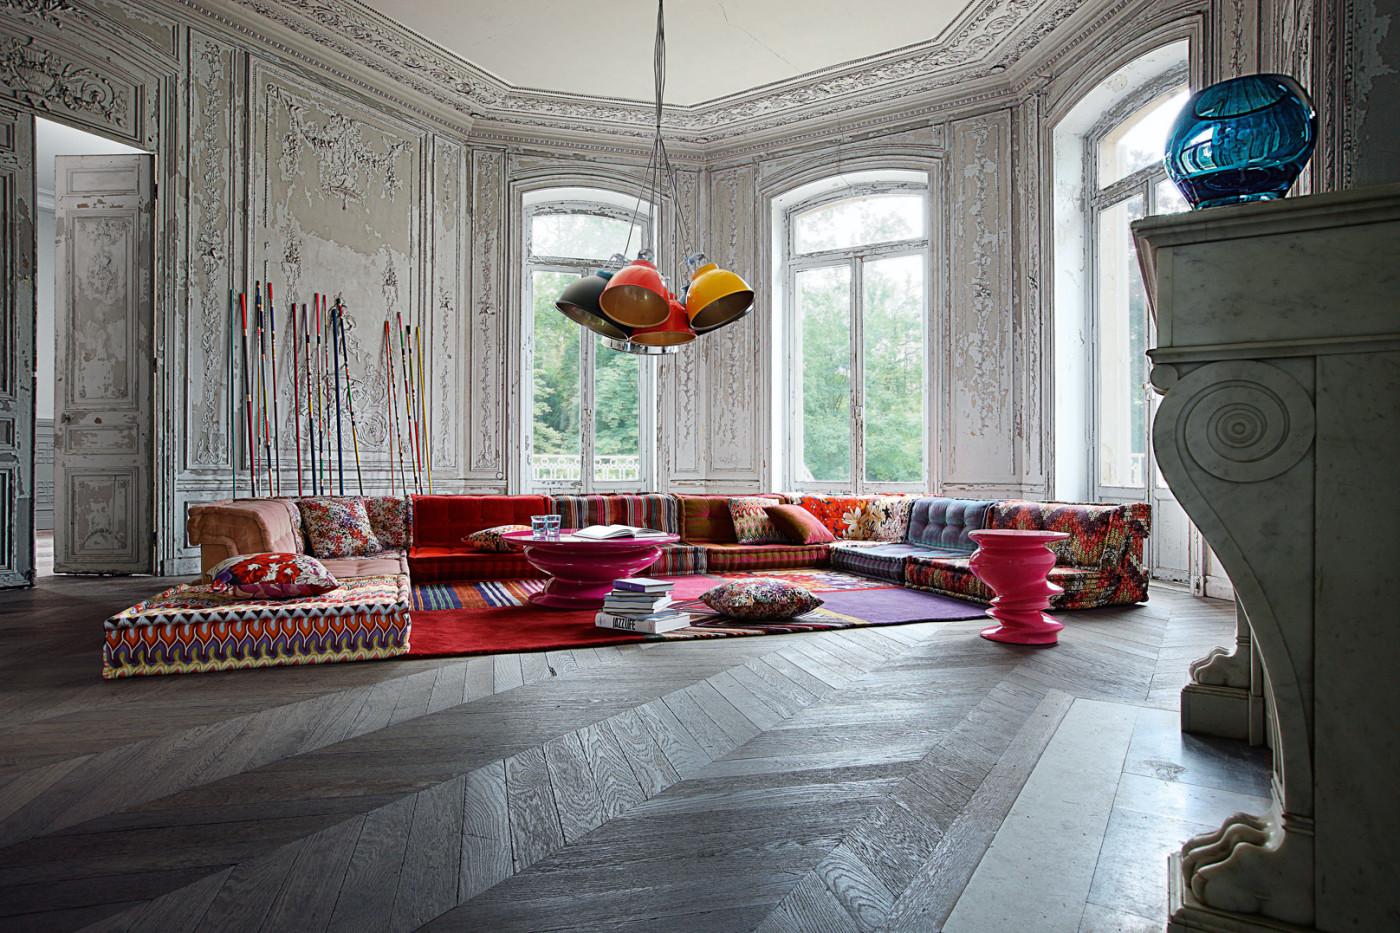 roche bobois mah jong modular sofa preis sleeper with foam mattress kaufen brokeasshome